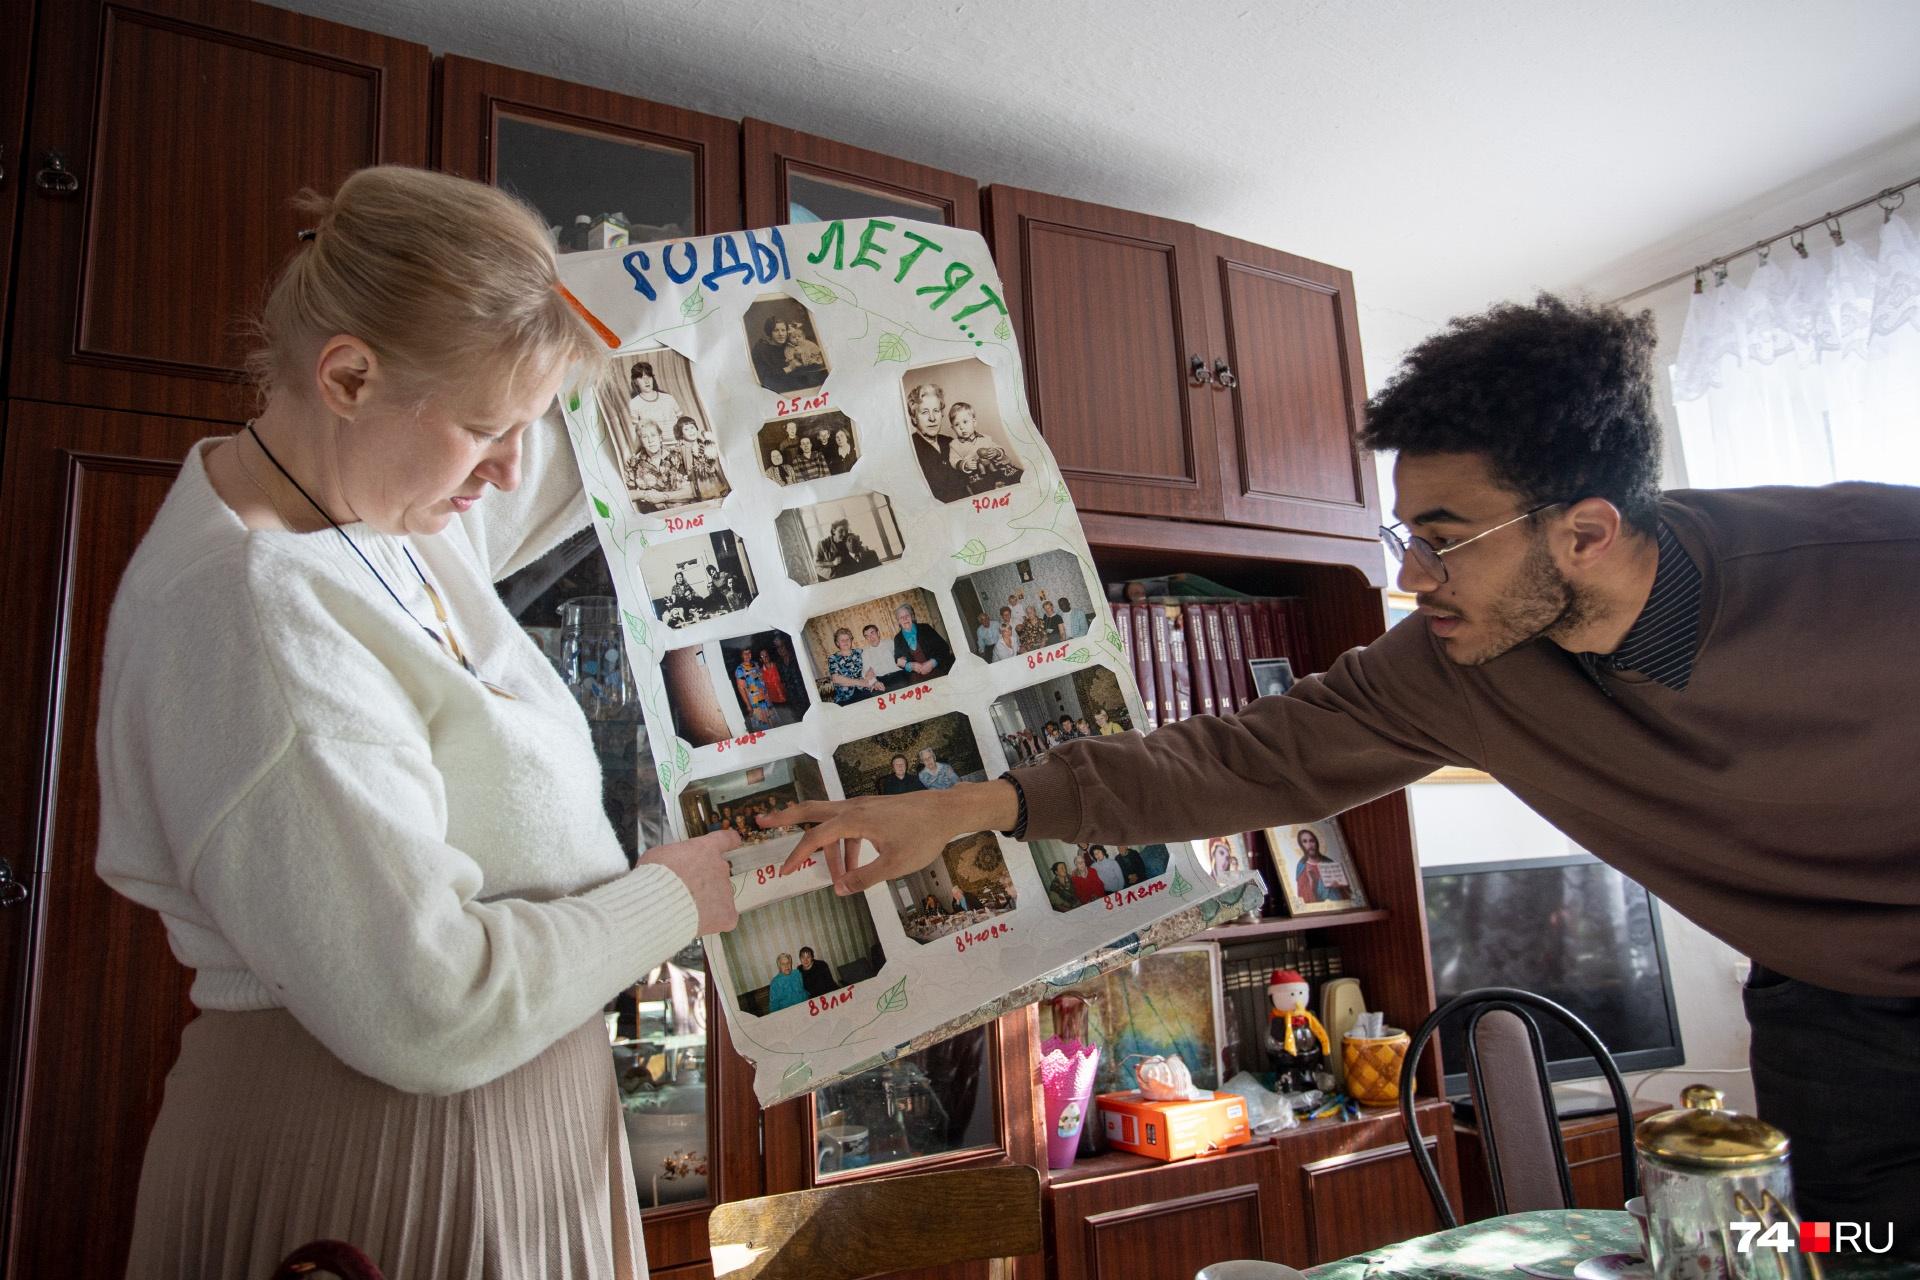 В этом доме трепетно относятся к семейной истории: вот, например, плакат, который бабушке Евгении готовили на 90-летие